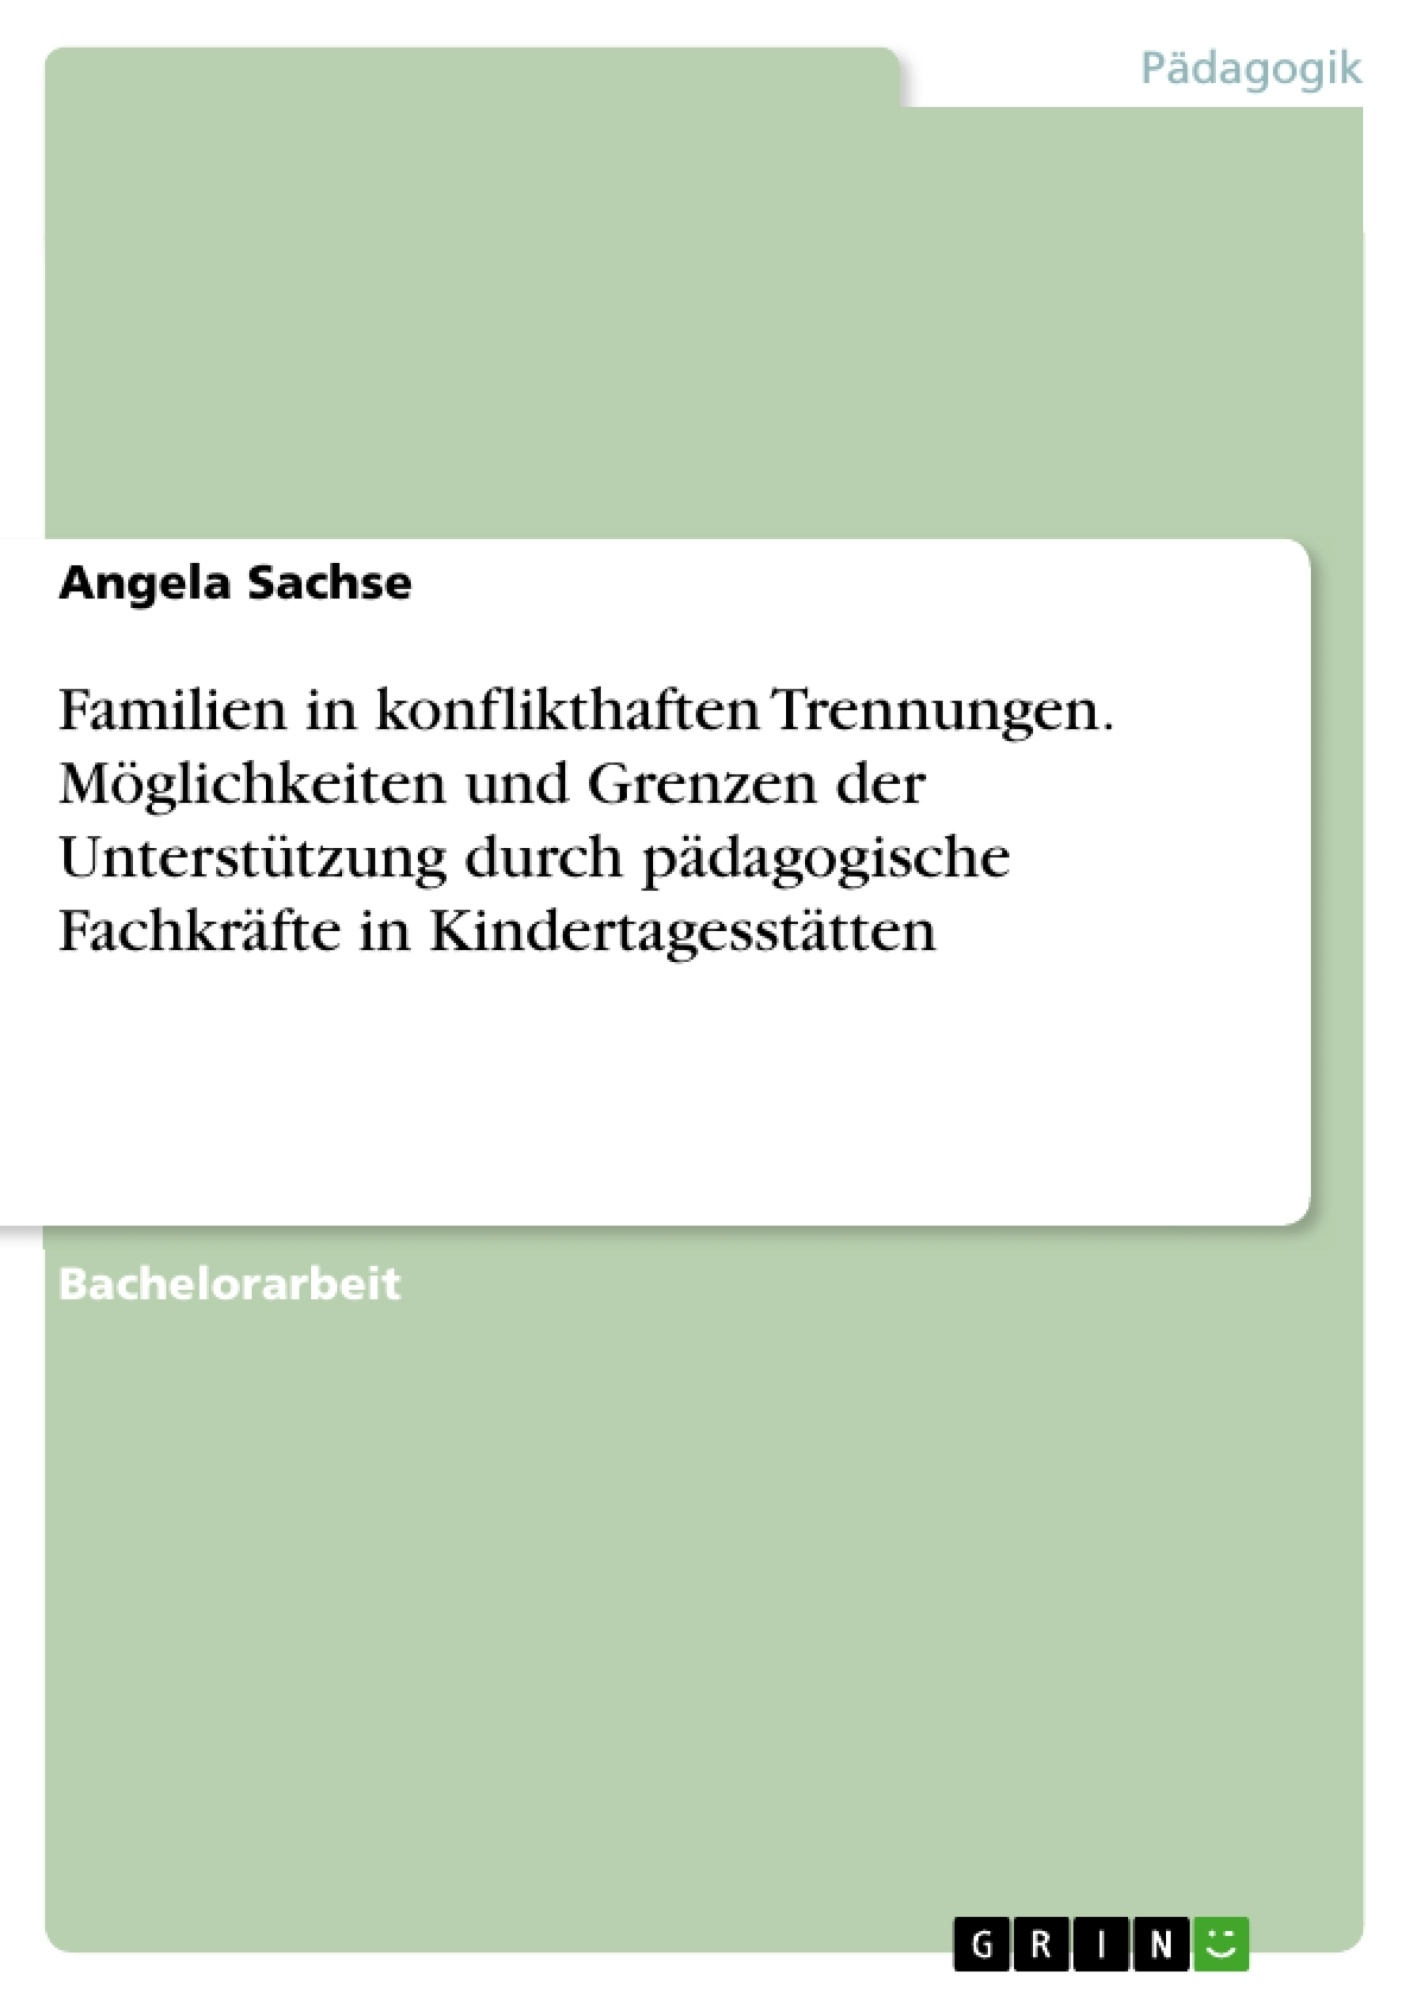 Titel: Familien in konflikthaften Trennungen. Möglichkeiten und Grenzen der Unterstützung durch pädagogische Fachkräfte in Kindertagesstätten